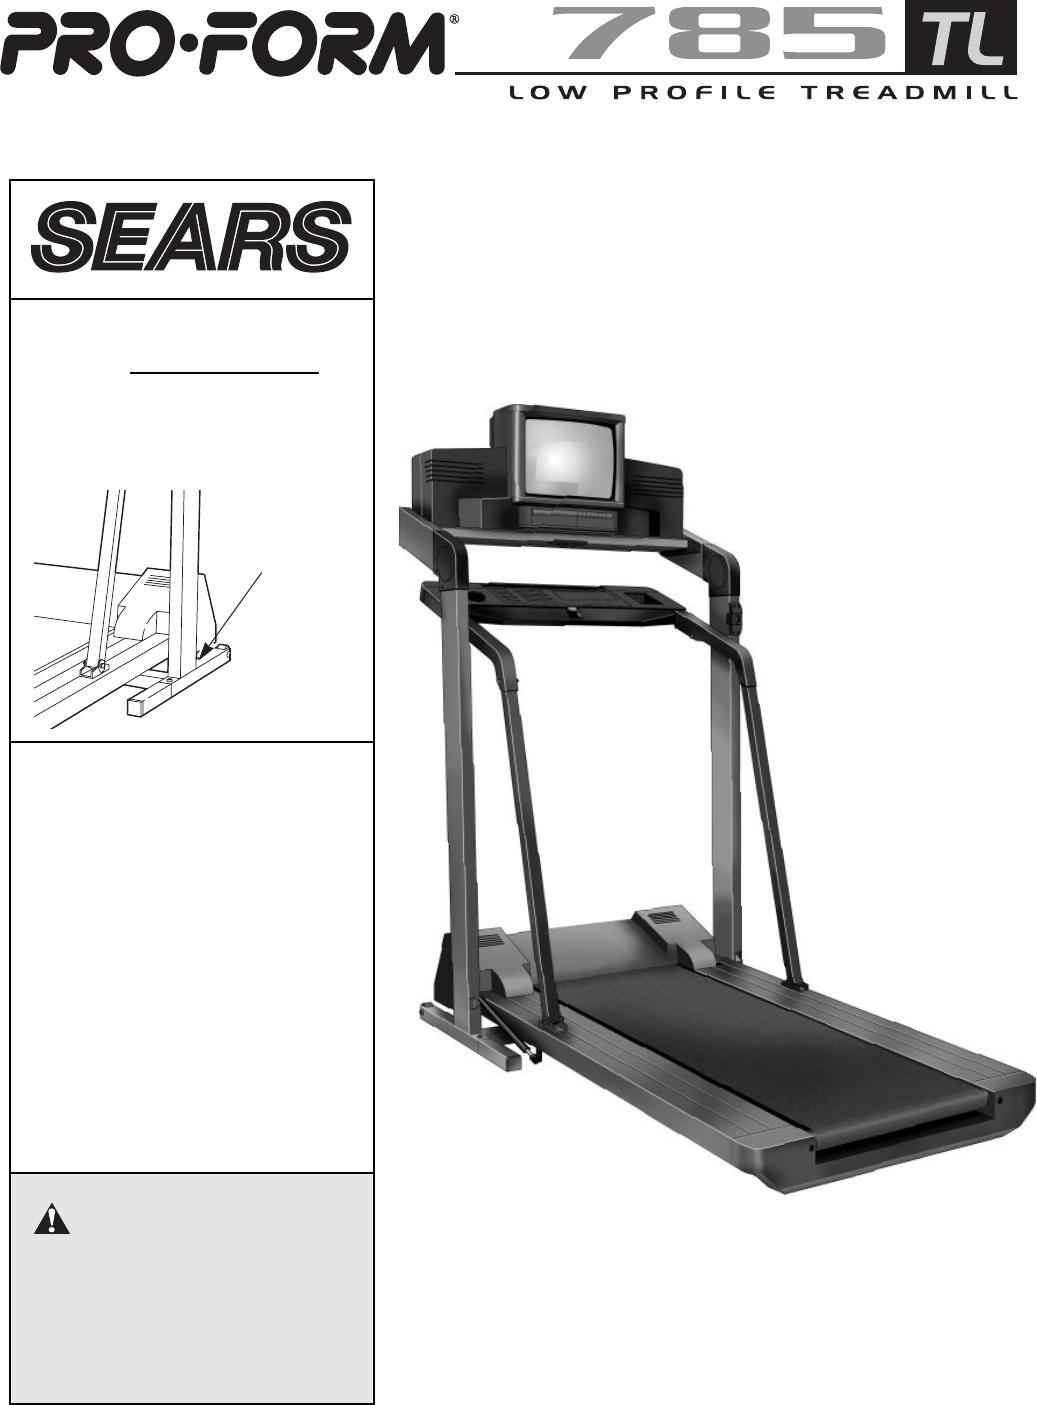 proform treadmill 785 tl user guide manualsonline com rh kitchen manualsonline com ProForm XP 615 Treadmill Manual Proform Treadmill Parts Manual